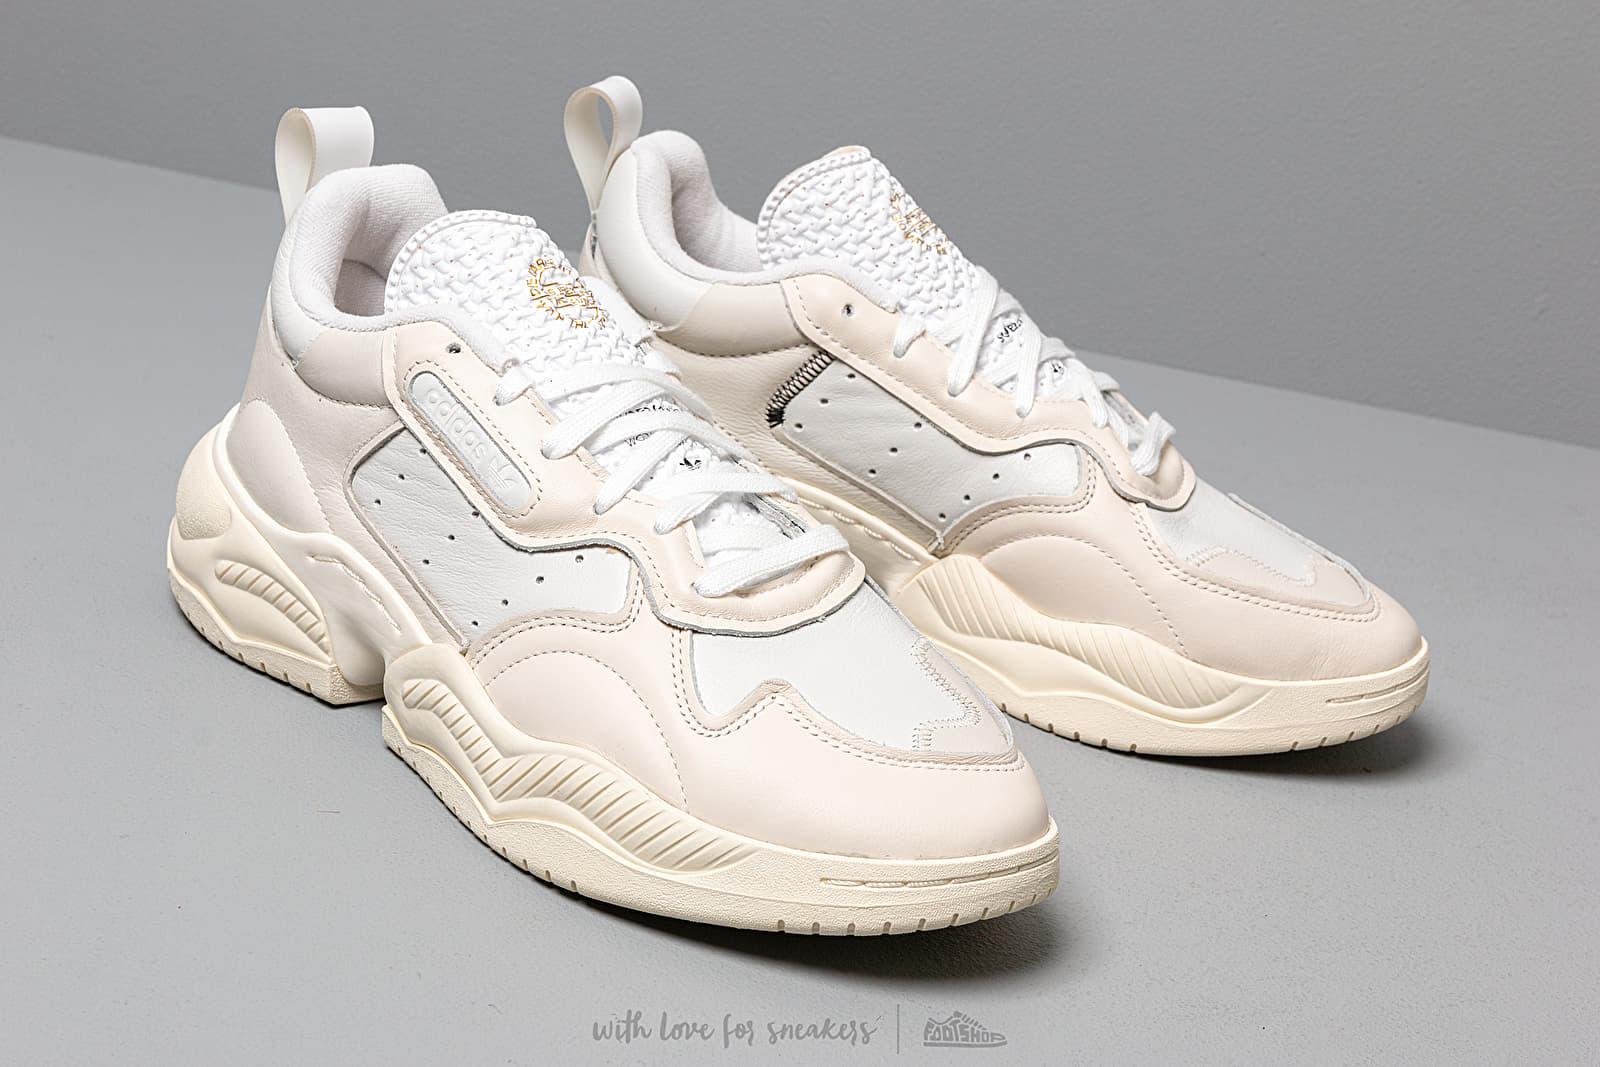 adidas Supercourt Rx Ftw White Ftw White Off White | Footshop